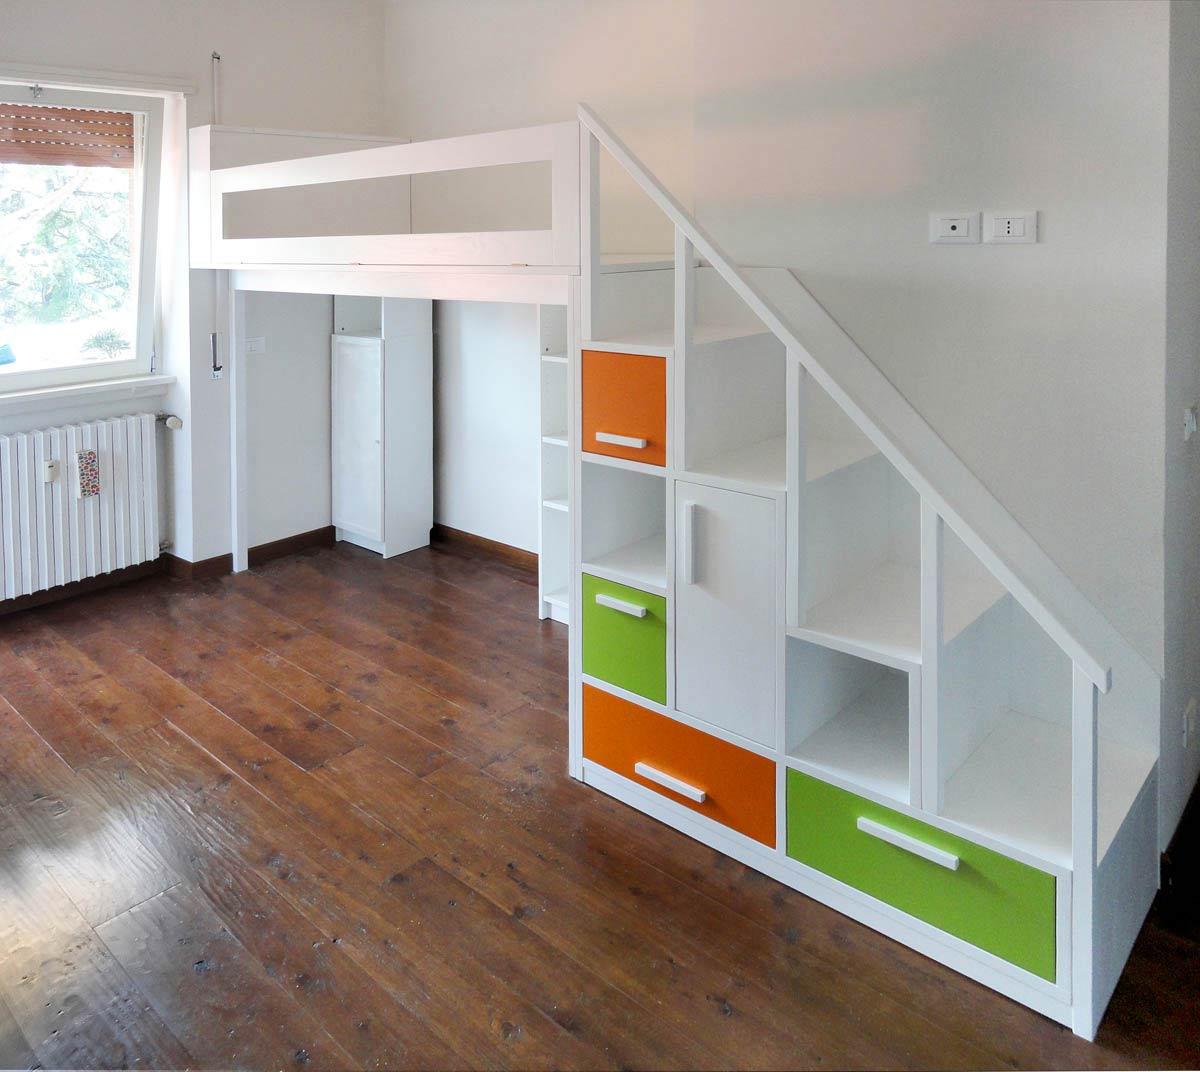 Foto camerette su misura falegnamerie design - Camere da letto per ragazzi ...